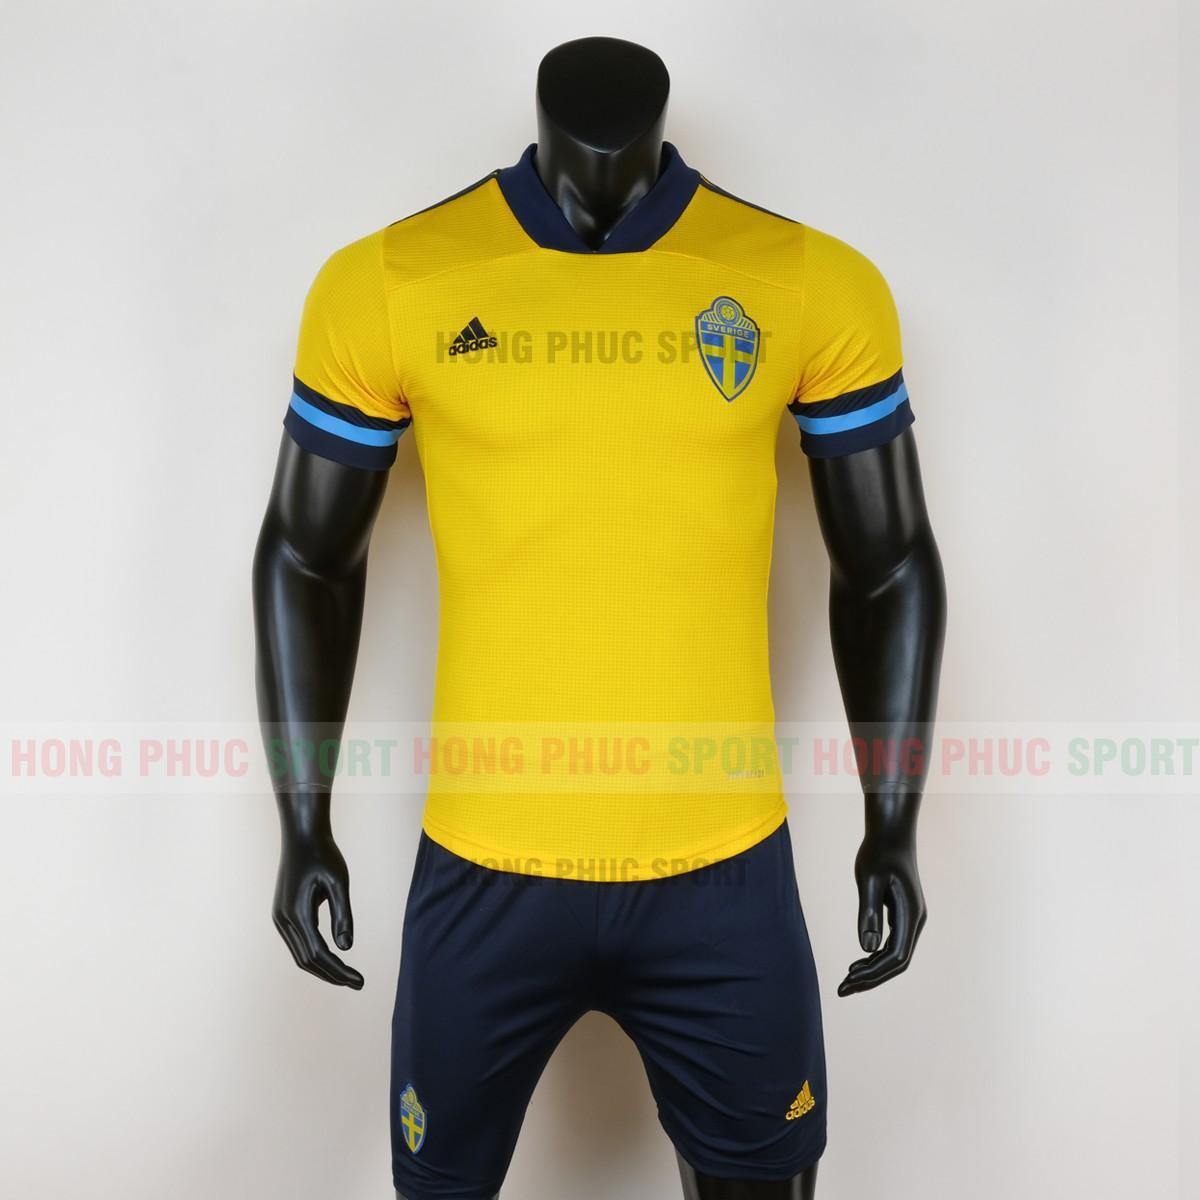 Áo bóng đá đội tuyển Thụy Điển sân nhà Euro 2020 màu vàng